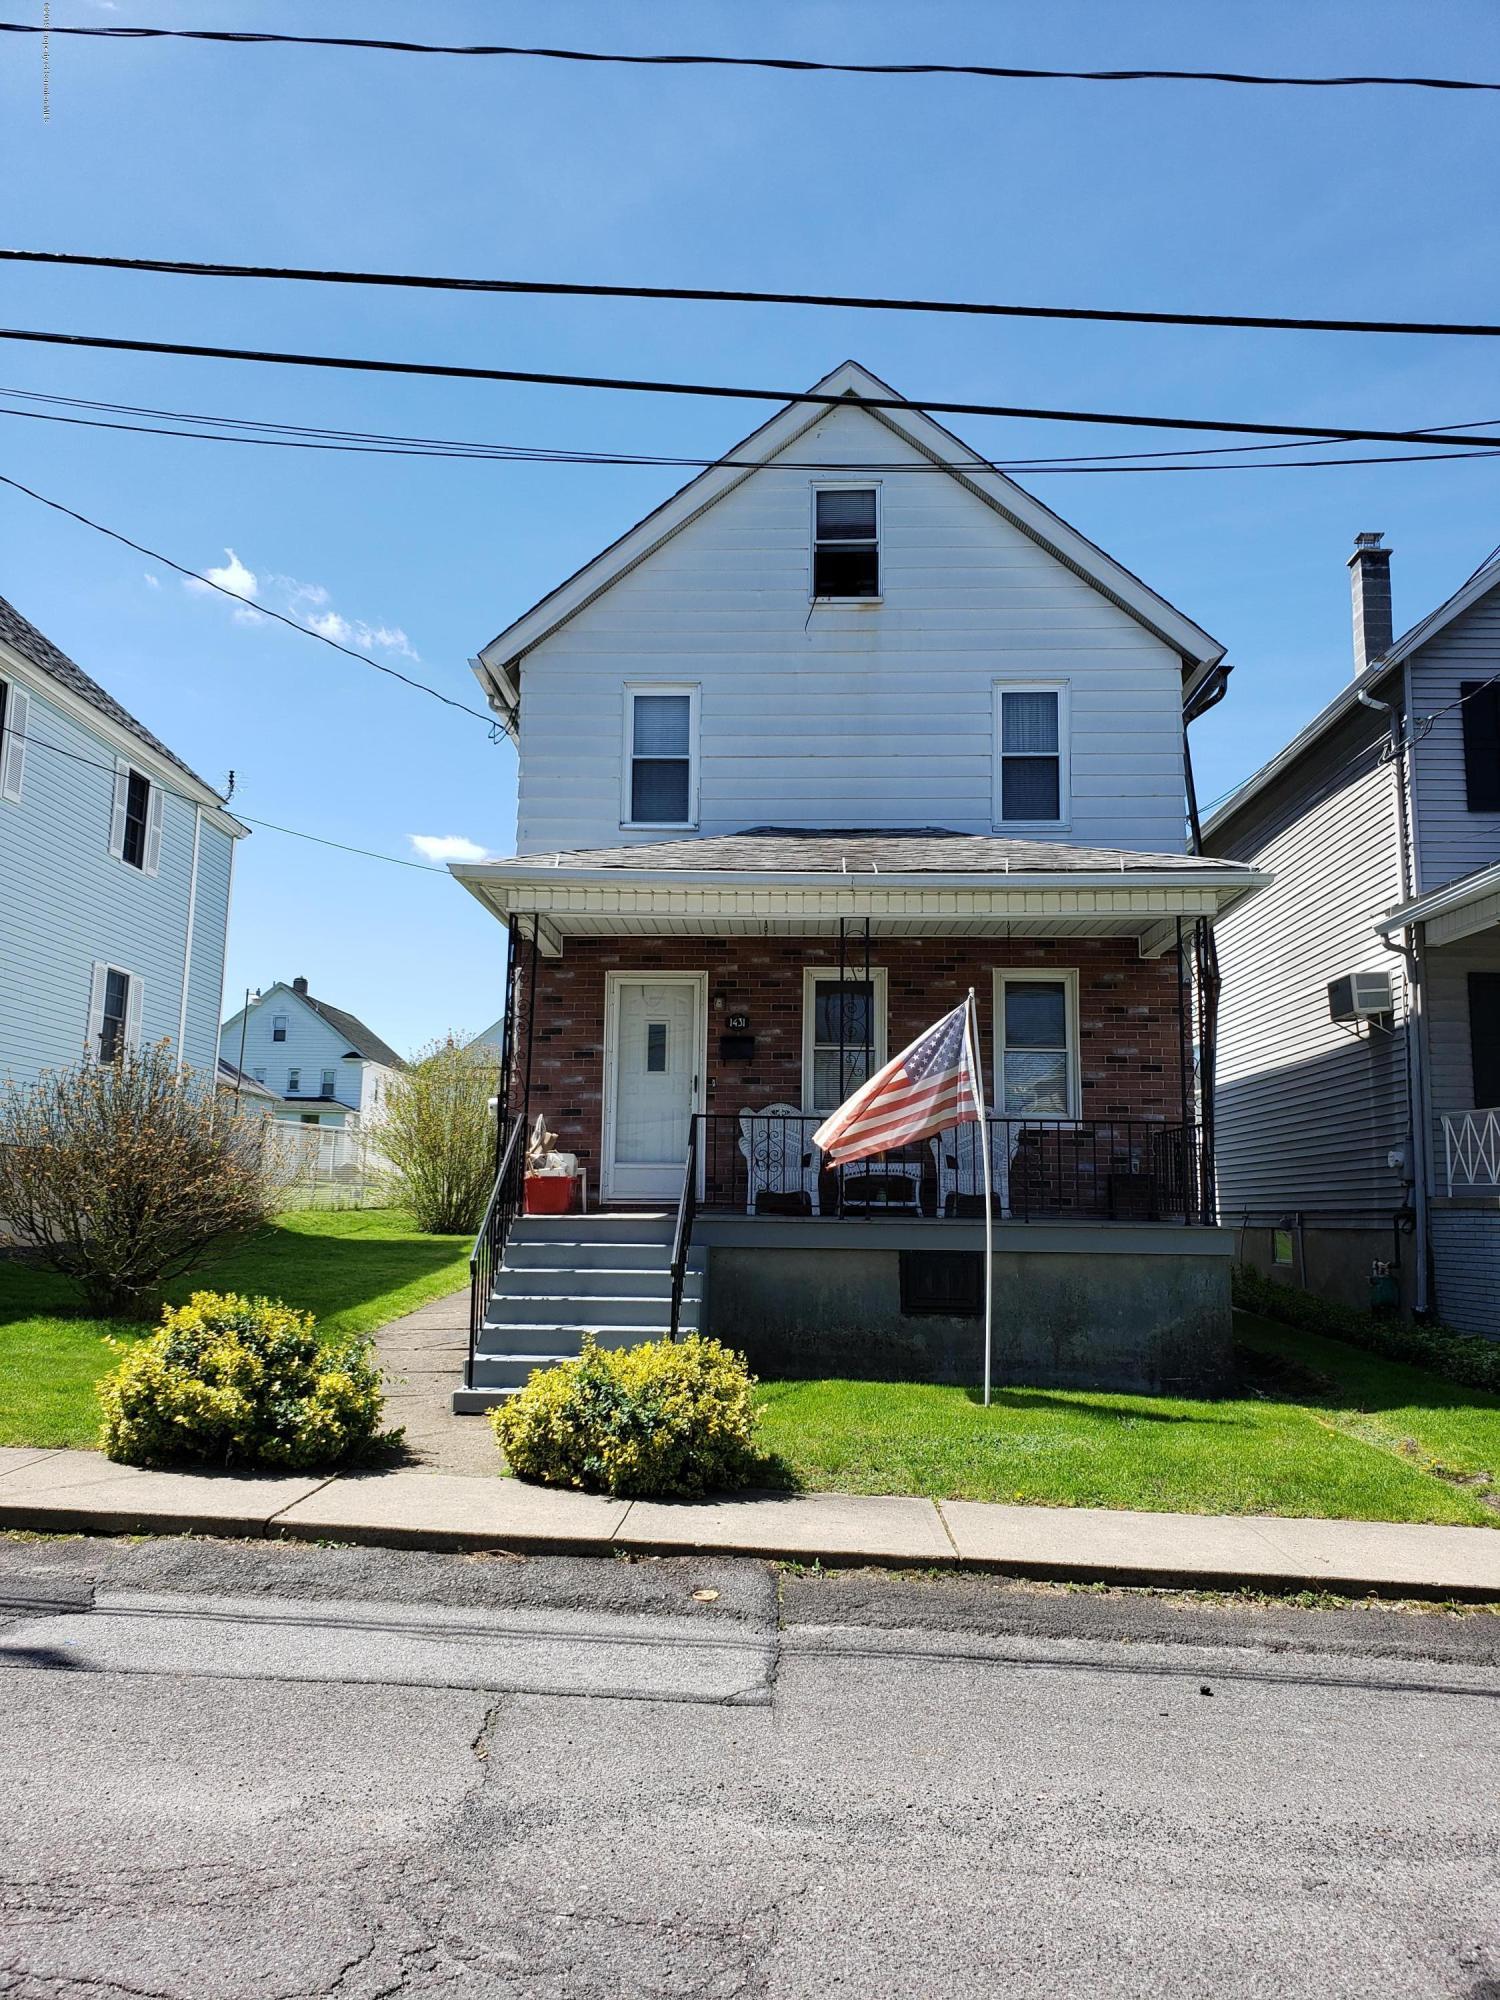 1431 Locust St, Scranton, Pennsylvania 18504, 3 Bedrooms Bedrooms, 6 Rooms Rooms,1 BathroomBathrooms,Single Family,For Sale,Locust,19-2303